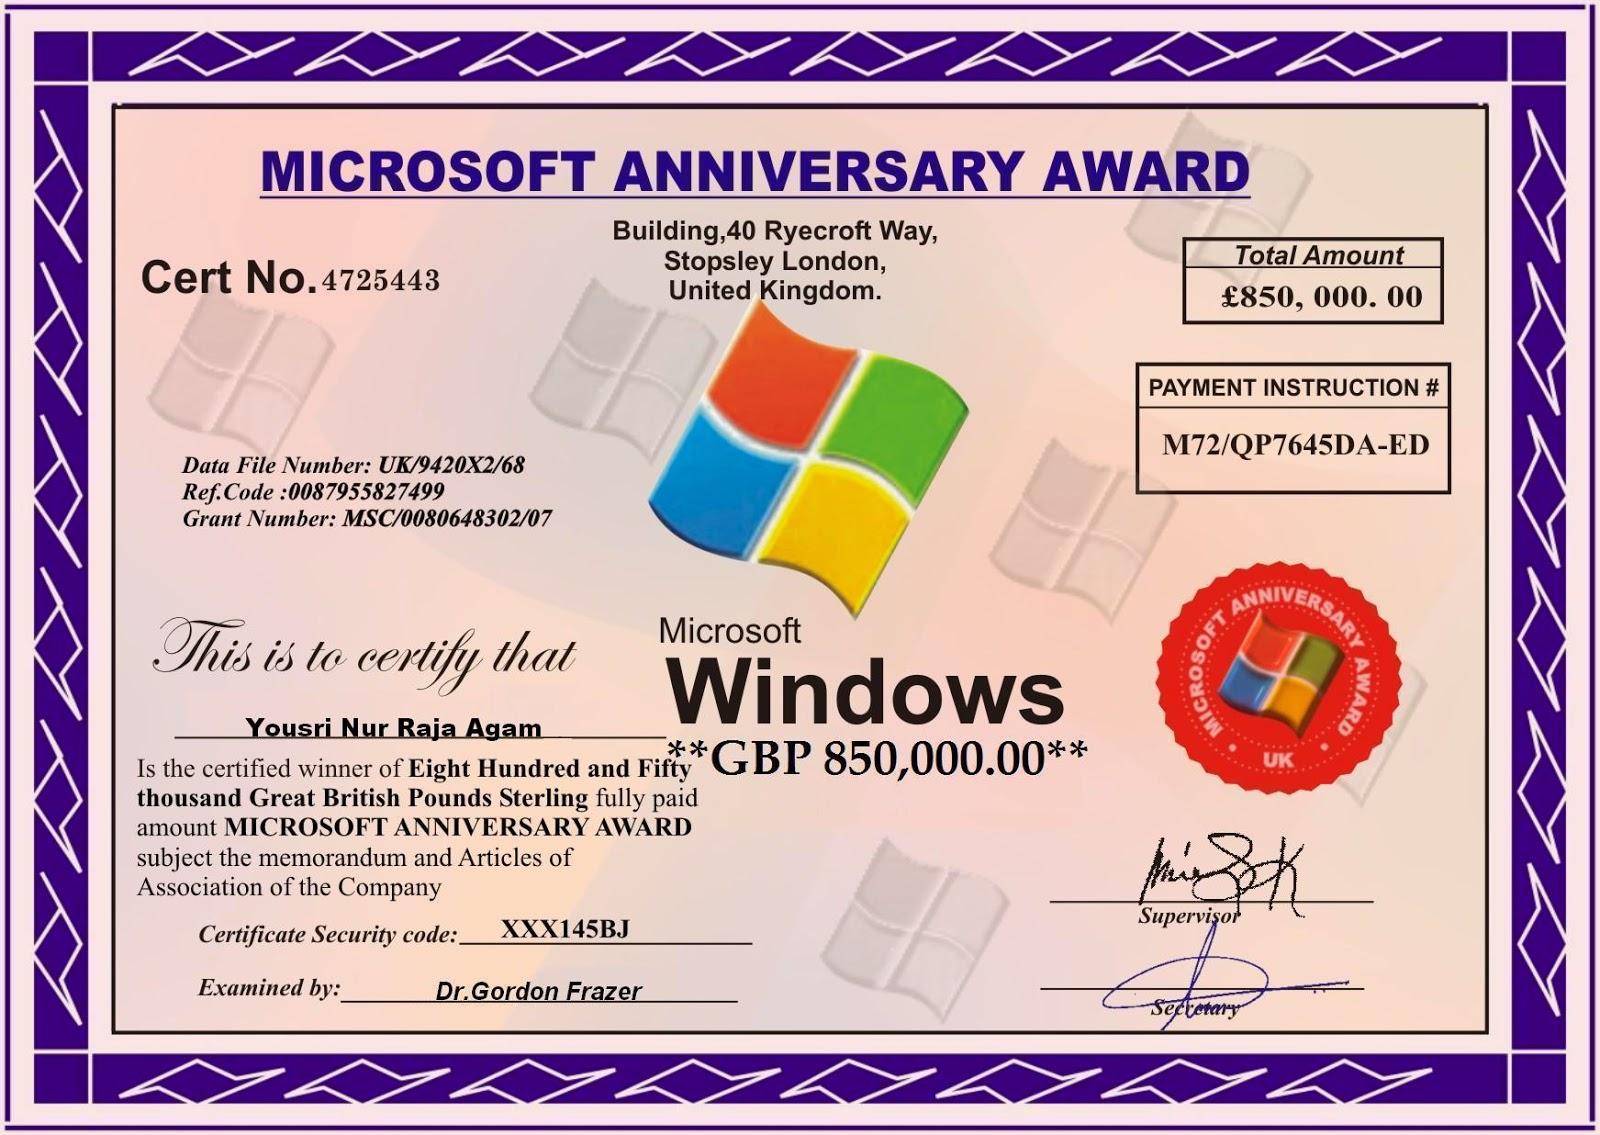 Contoh Soal Ujian Sertifikasi Microsoft Itheldown